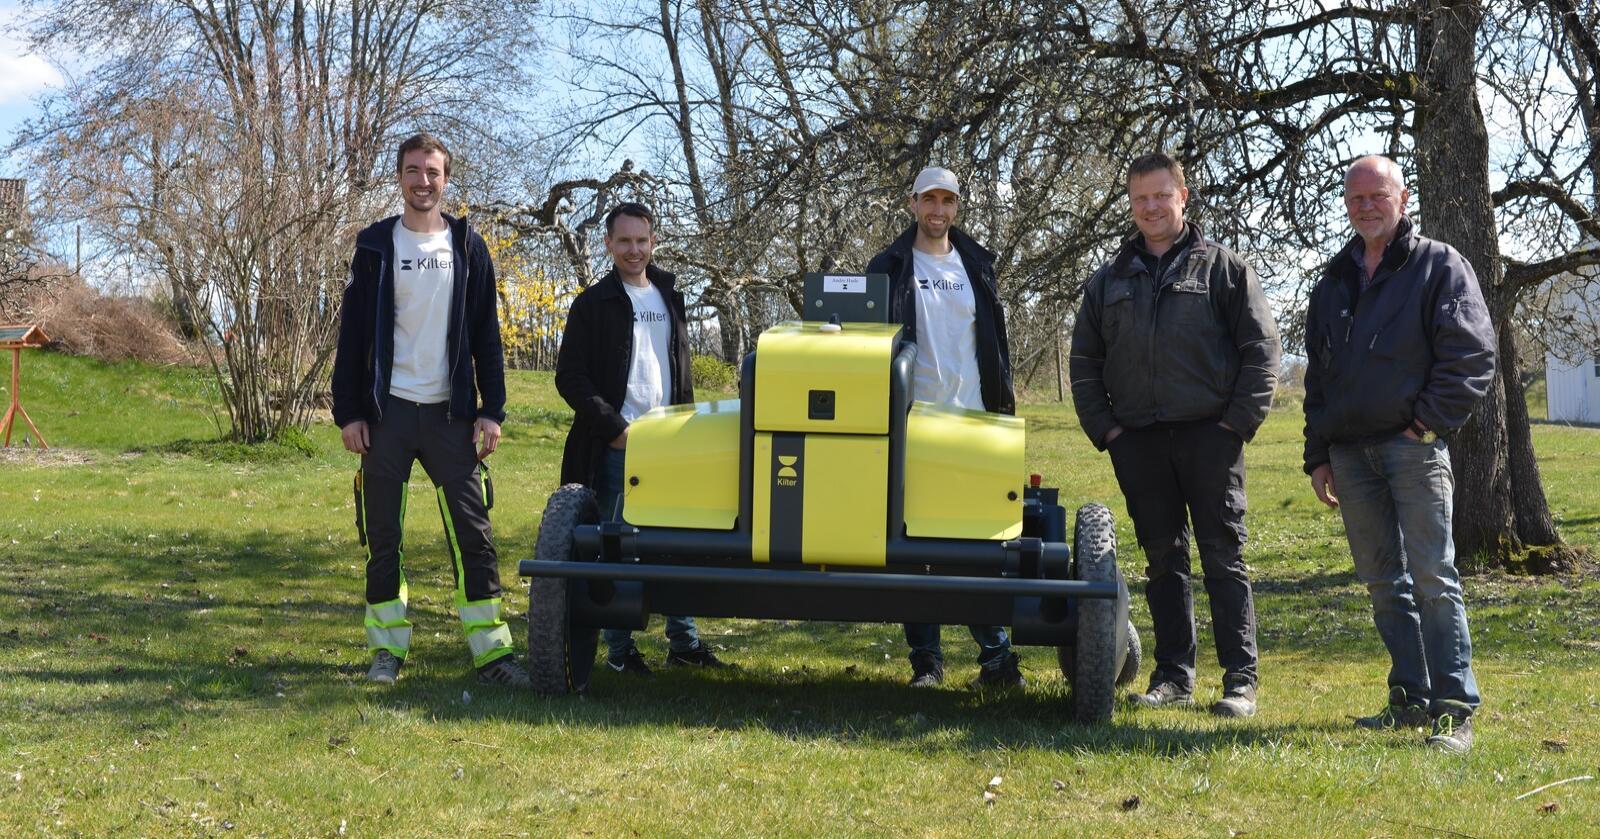 NY: Verdens første ugrasrobot, Kilter AX1, er levert. Fra venstre: Mats Langfeldt, Anders Brevik, Vegard Line (alle fra Kilter) og kjøperne André og Roy Hasle. Foto: Leica Geosystems